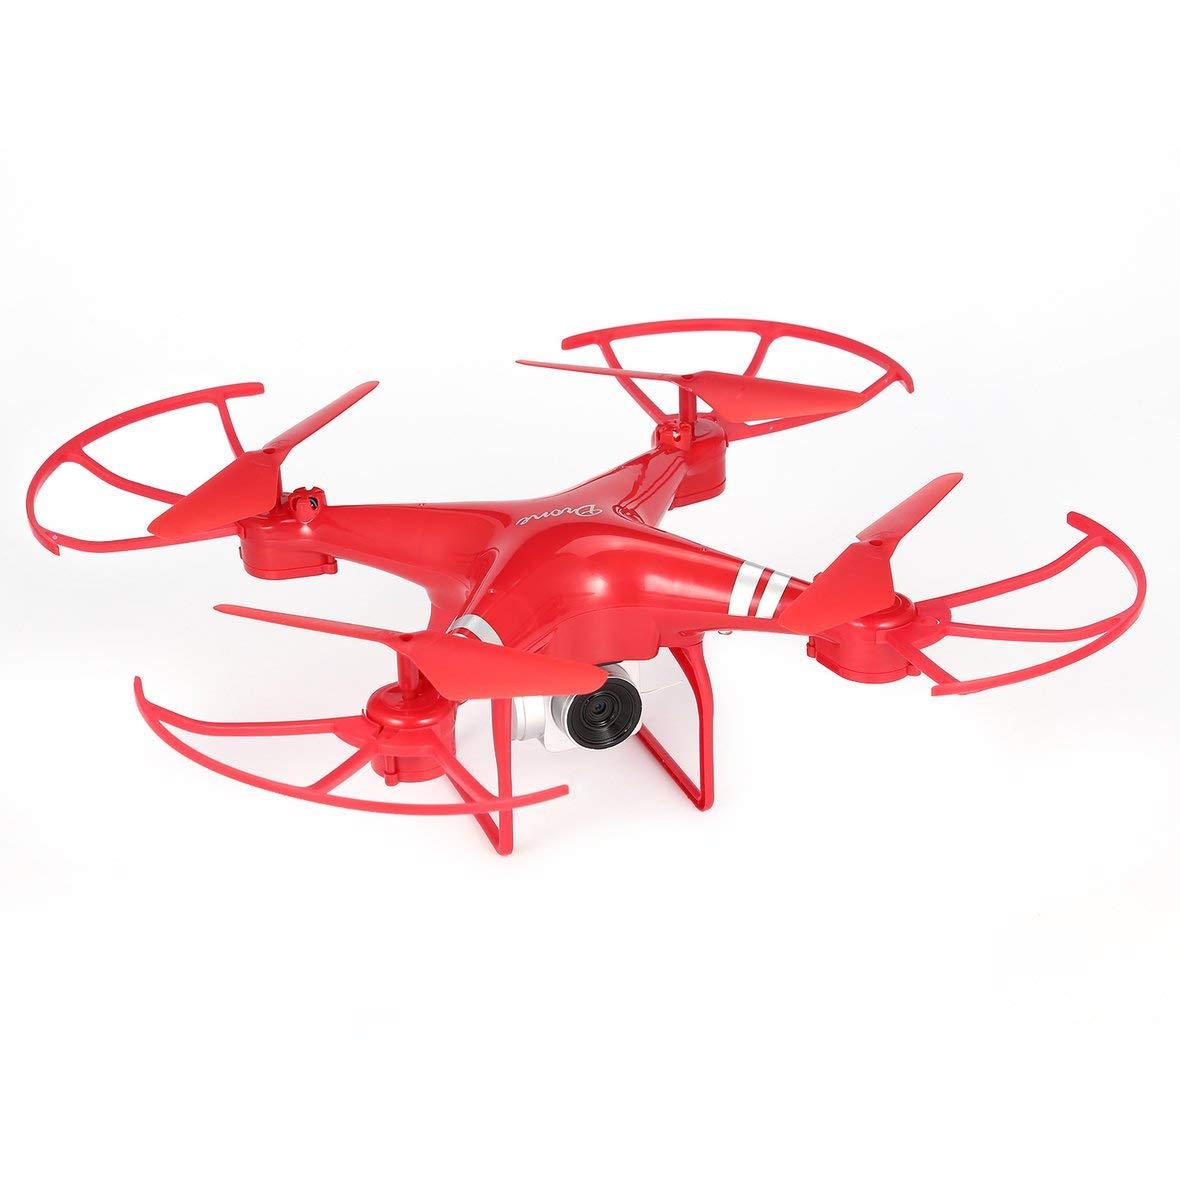 ToGames KY101 WiFi FPV Weitwinkel720p Kamera Selfie RC Drone Höhe Halten Headless Art und Weise 3D Flips Quadcopter mit 3 Batterien